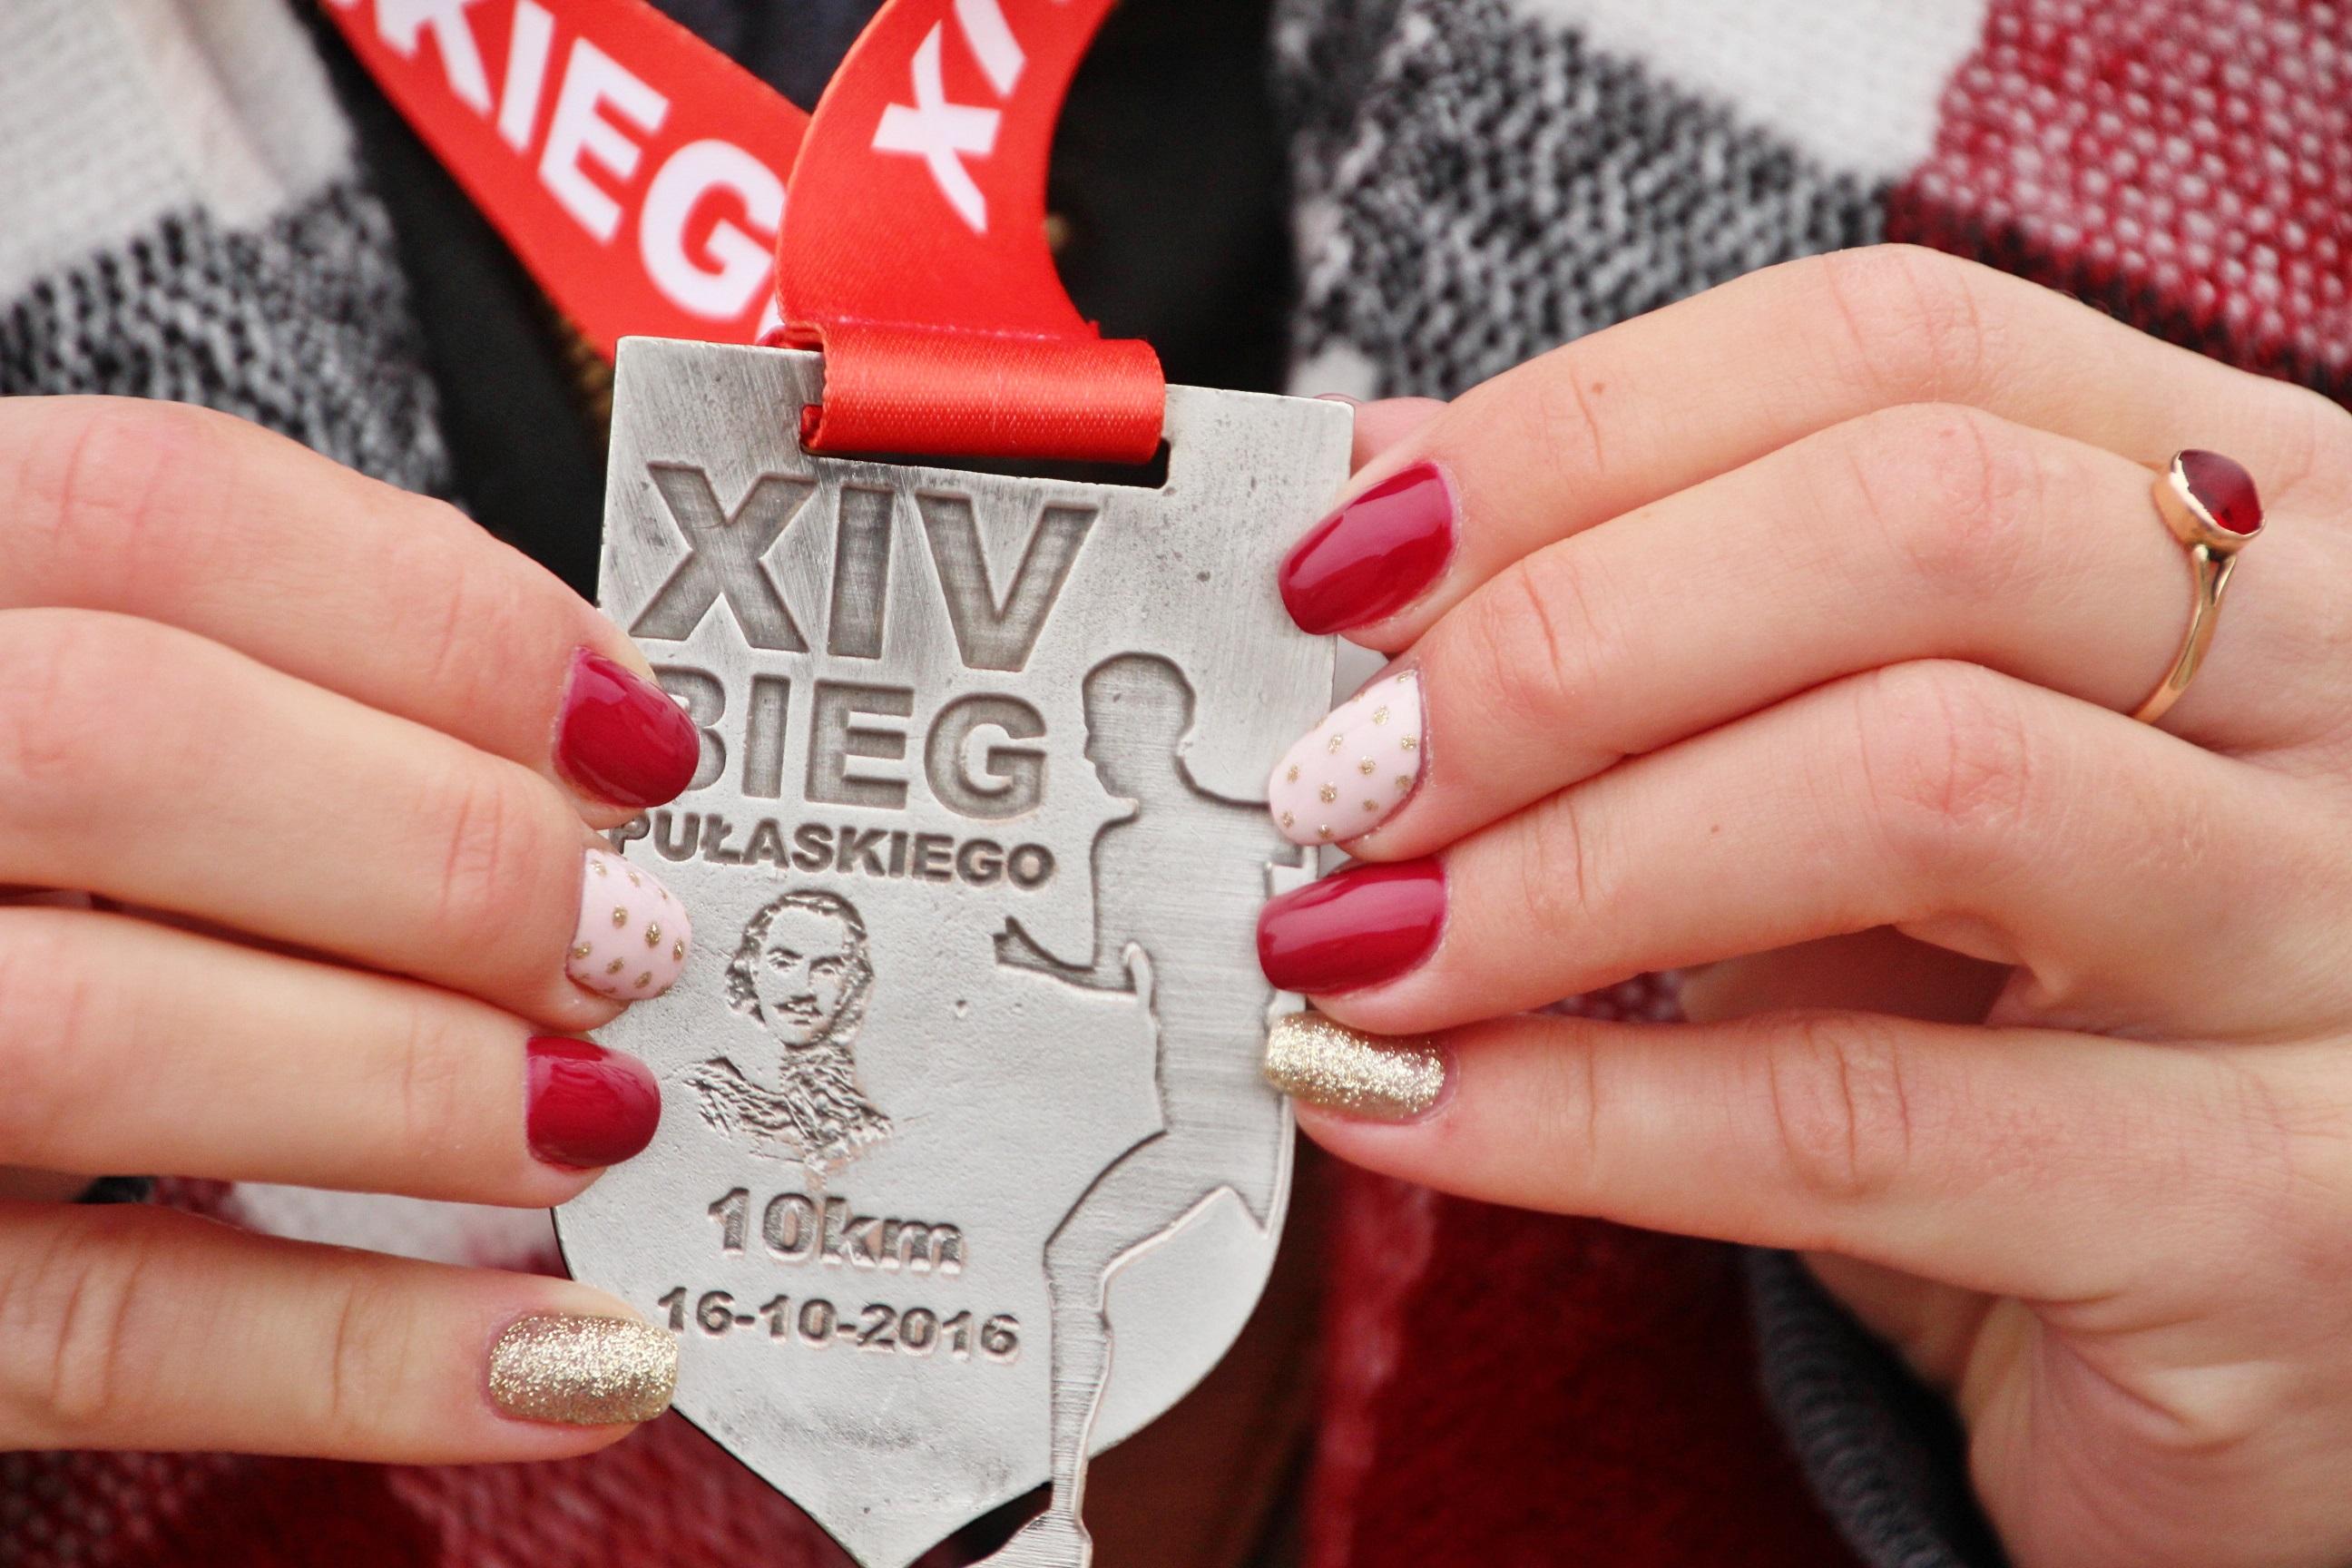 XIV Bieg Pułaskiego, mój wybór na pierwszy start po maratonie.